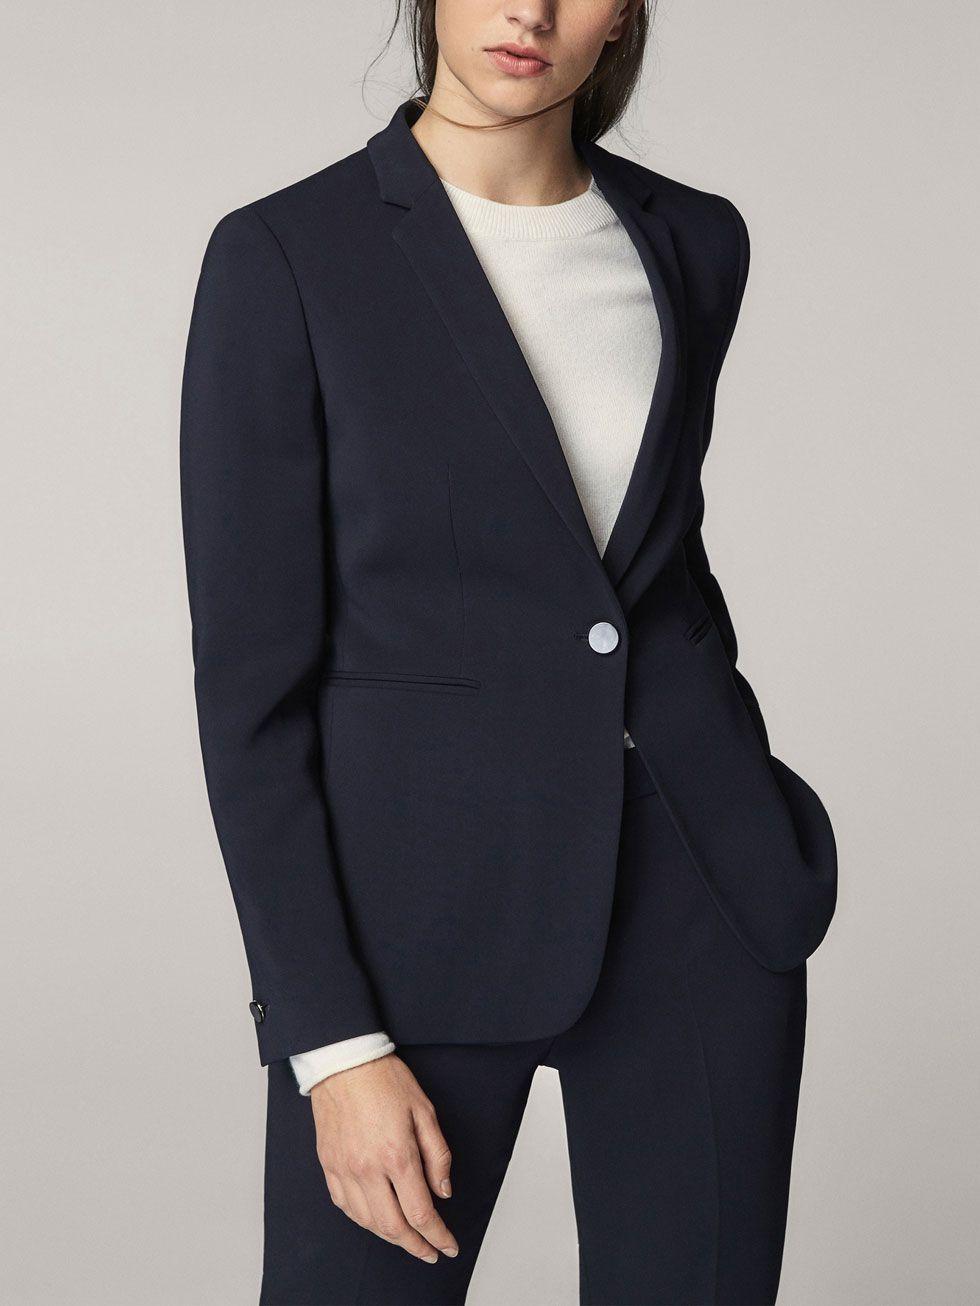 Veste bleu marine femme cache cache